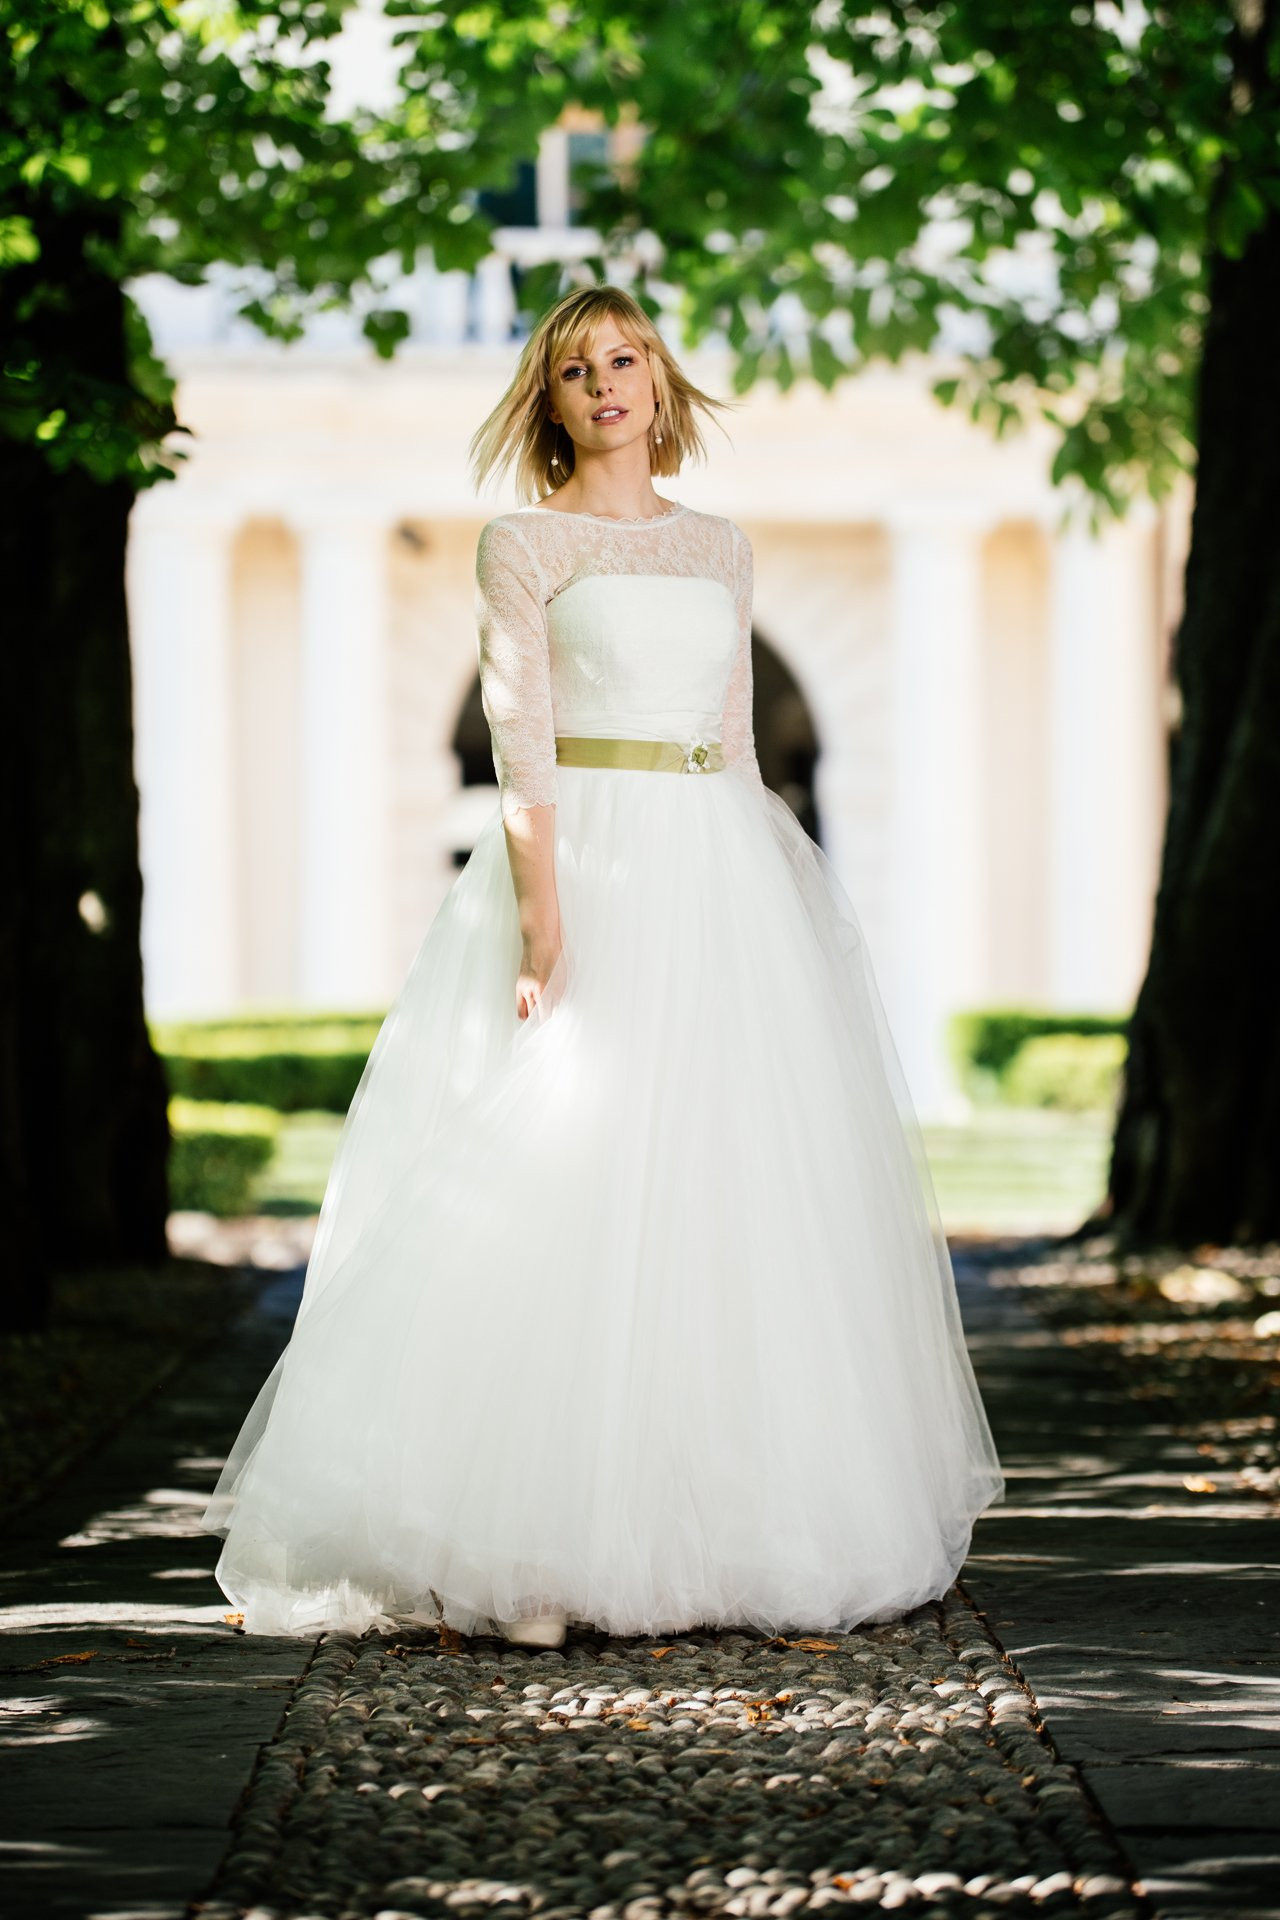 Hochzeitskleid Tüll  Prinzessinnen Hochzeitskleid Tüll modernes Traumkleid